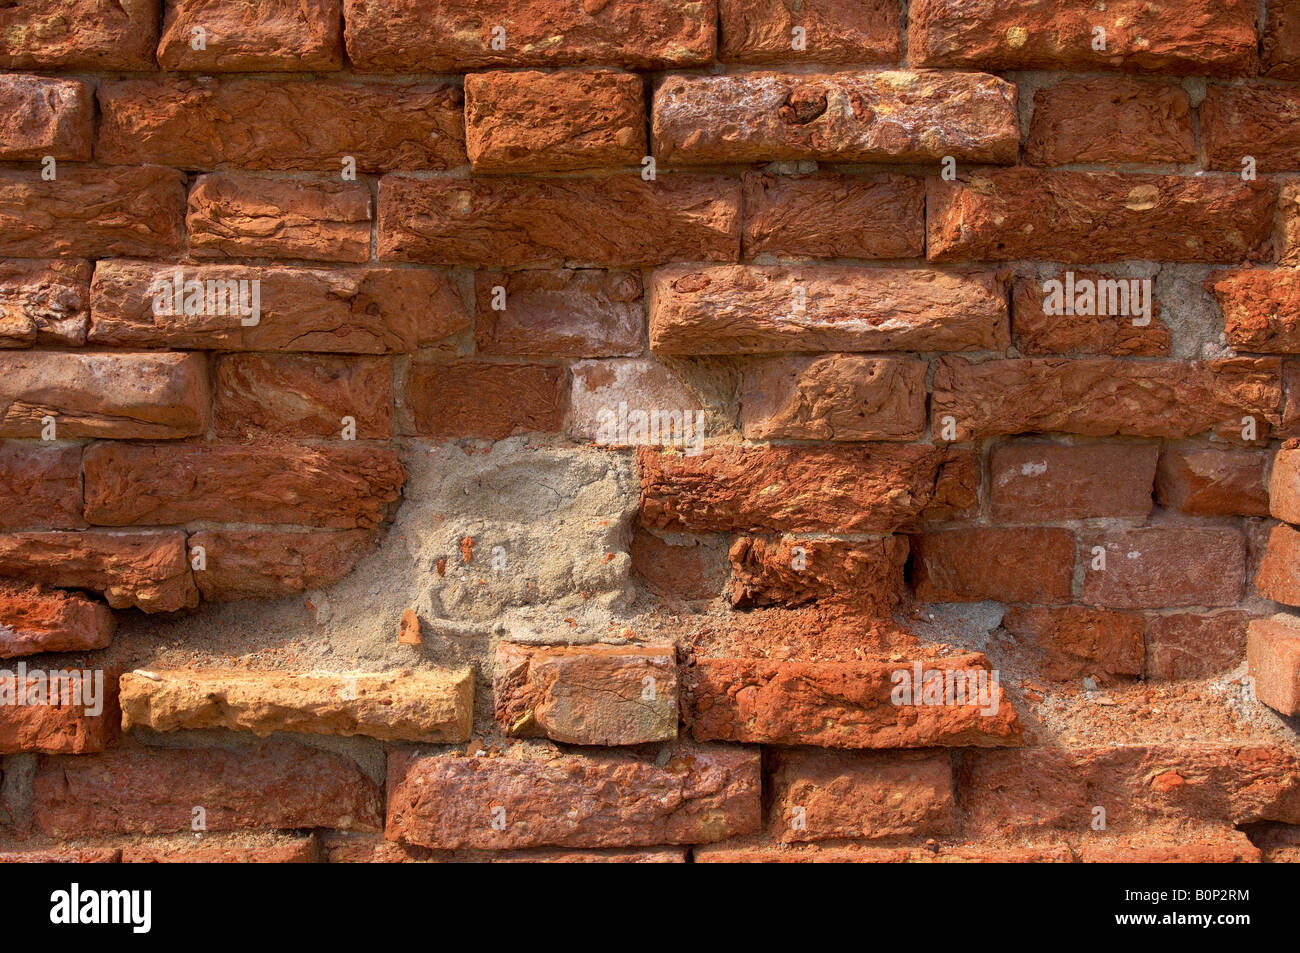 Vieux vénitien mur de briques avec mortier rouge chute Photo Stock